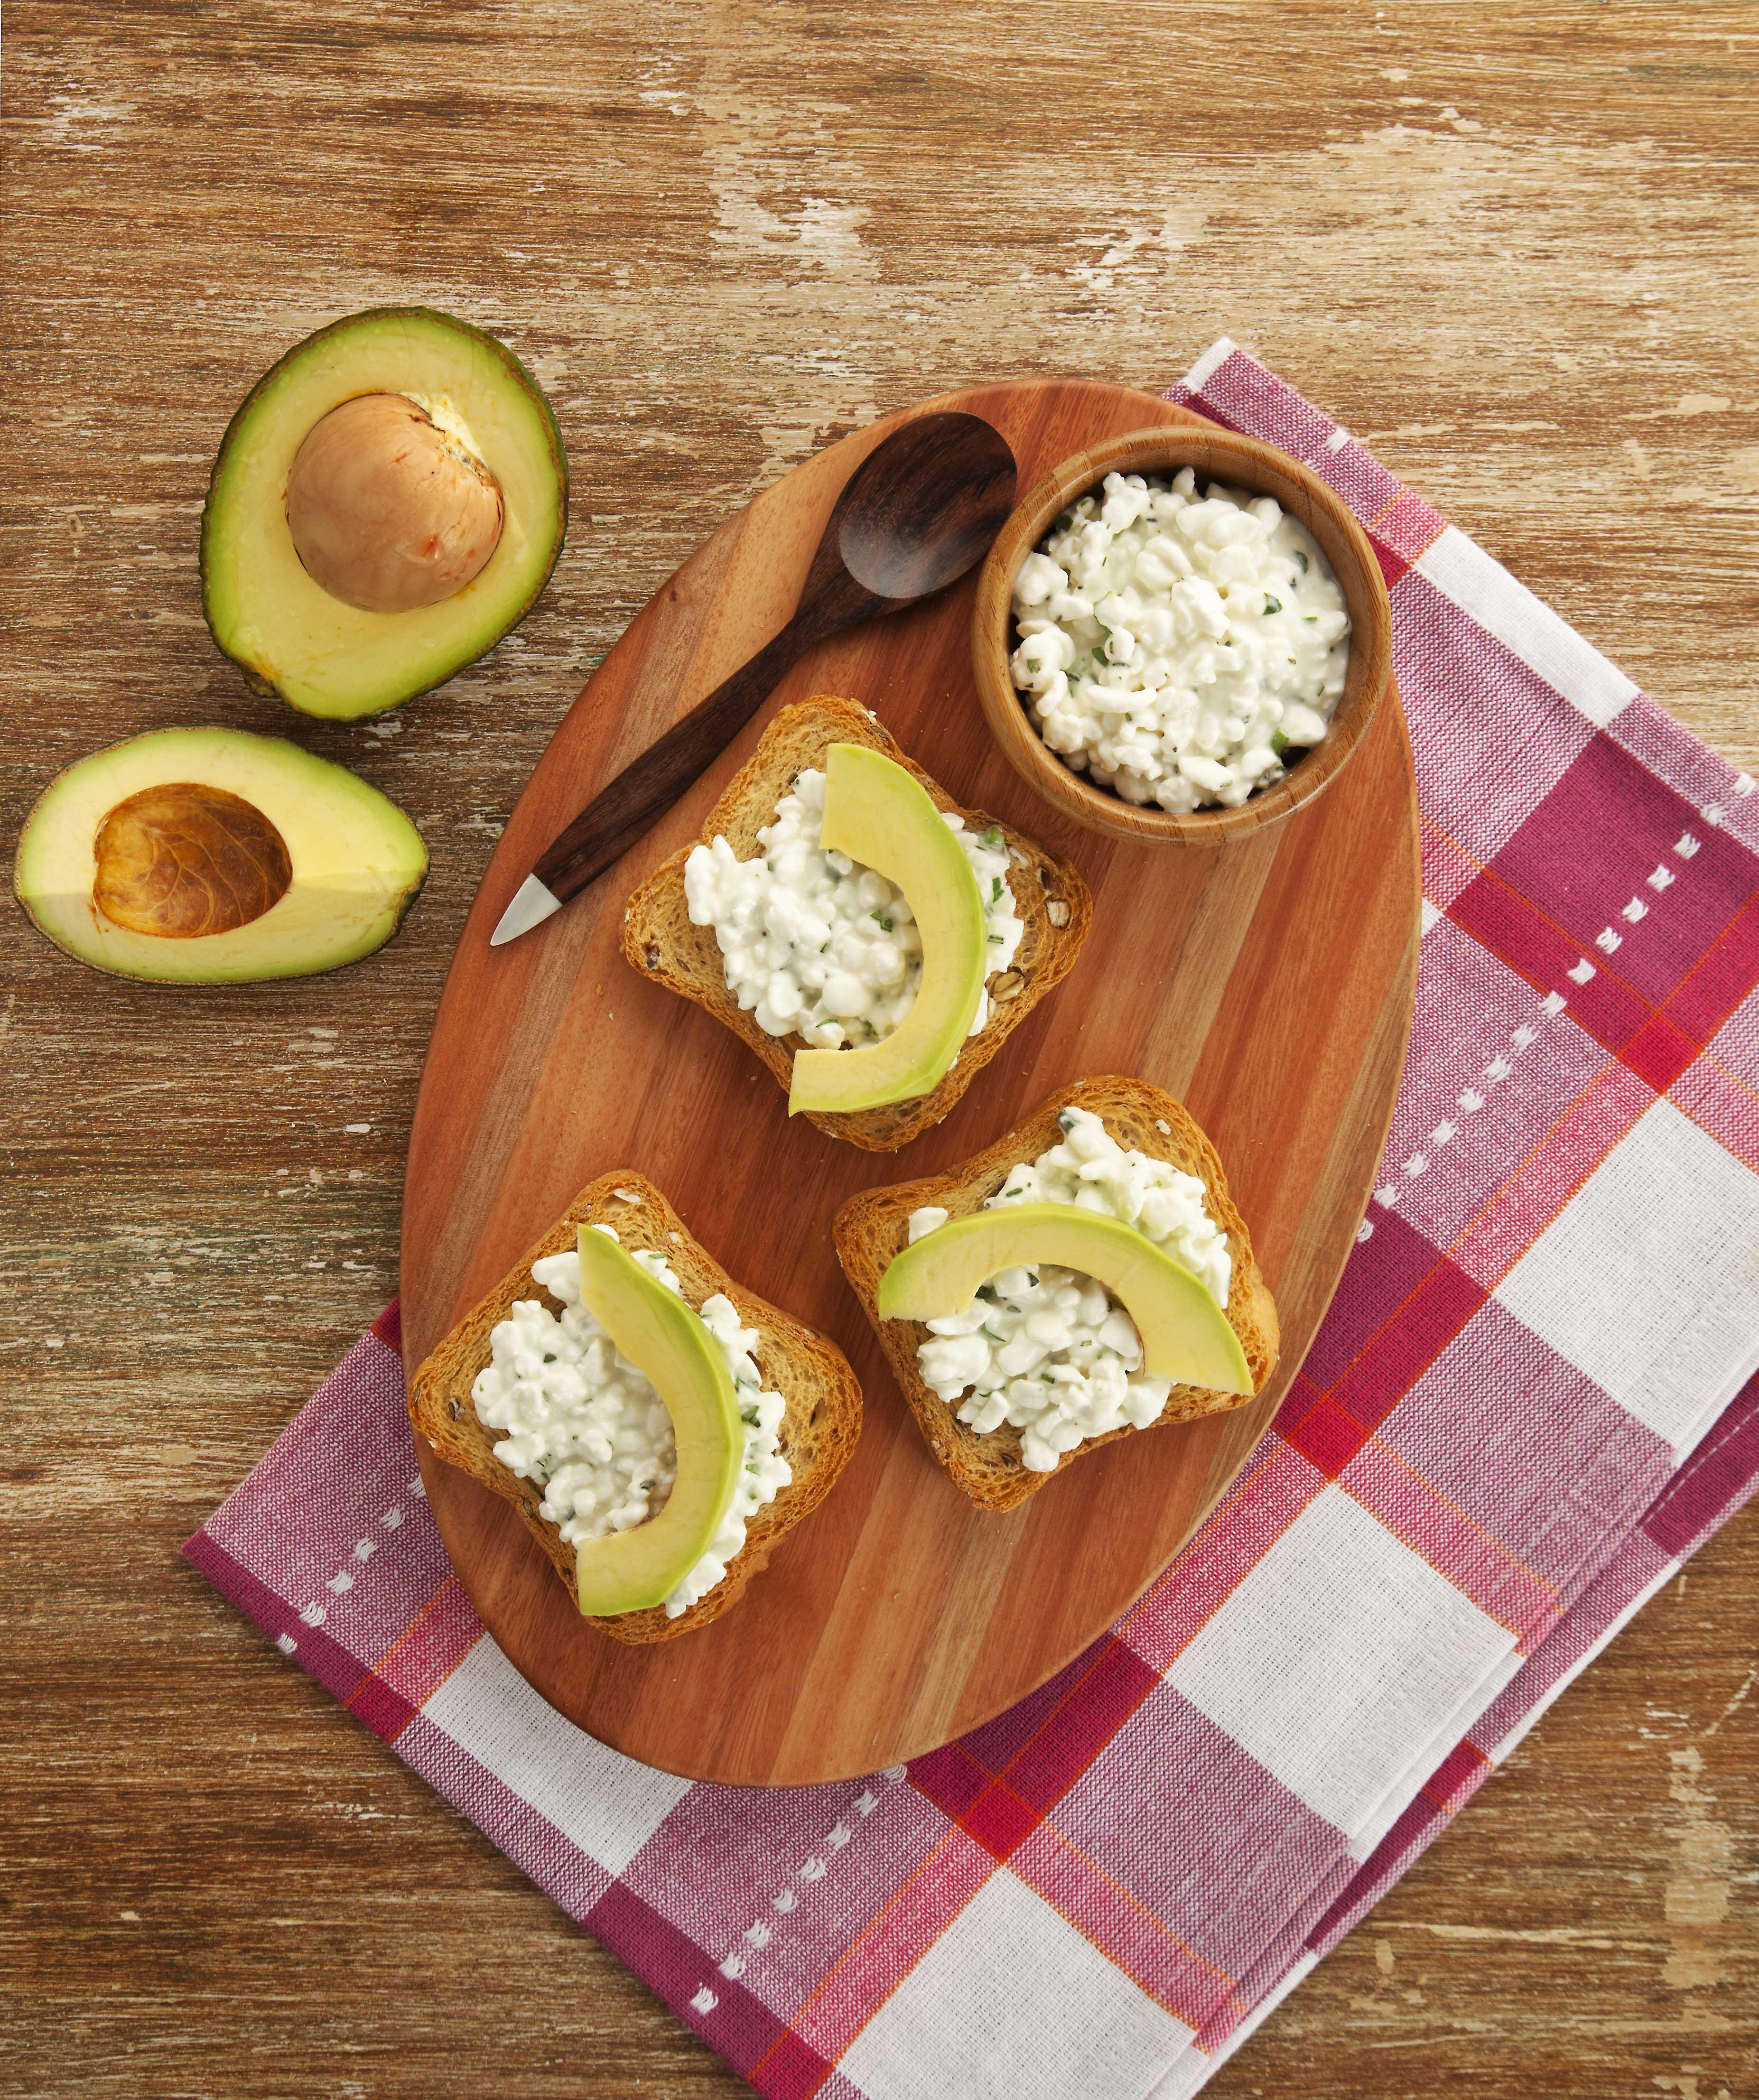 Receita de Crostini de Queijo Cotagge e Avocado